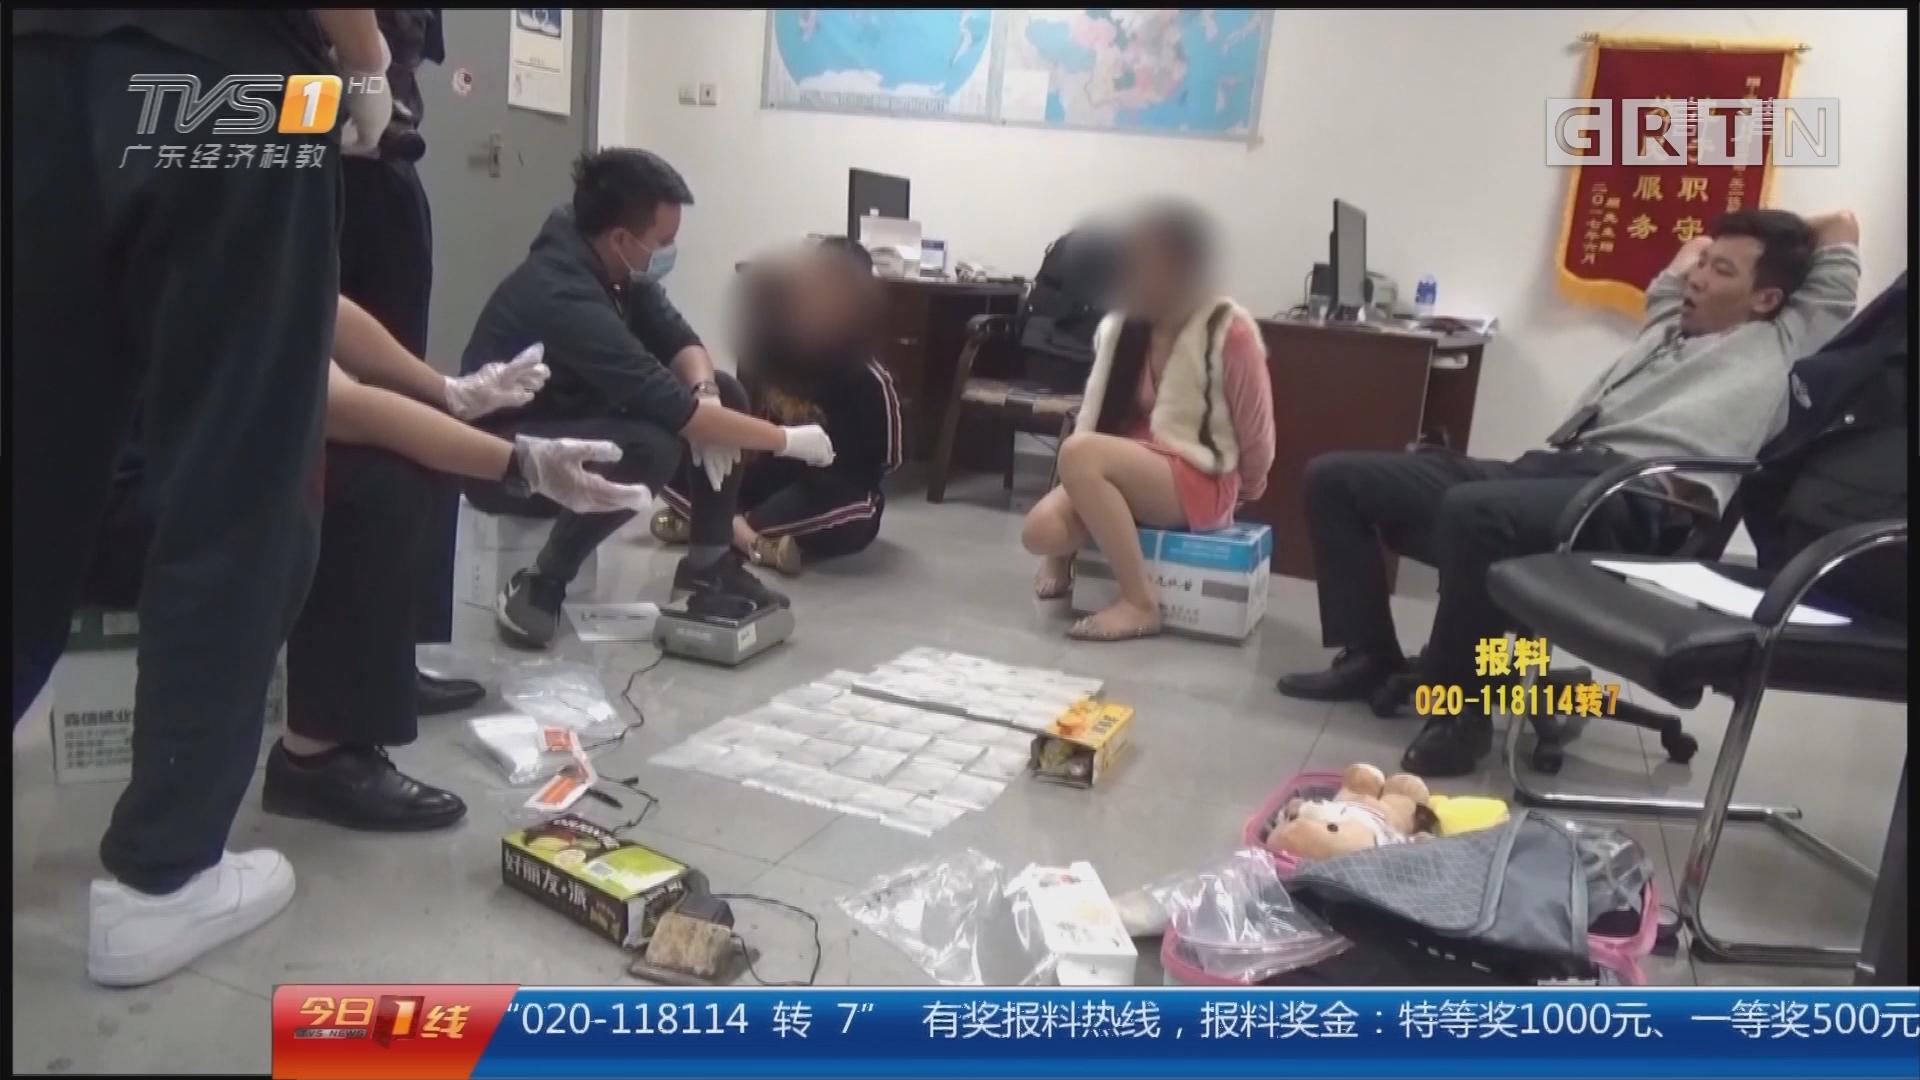 """深圳龙华:蛋糕盒装加料""""奶茶"""" 三嫌疑人落网"""